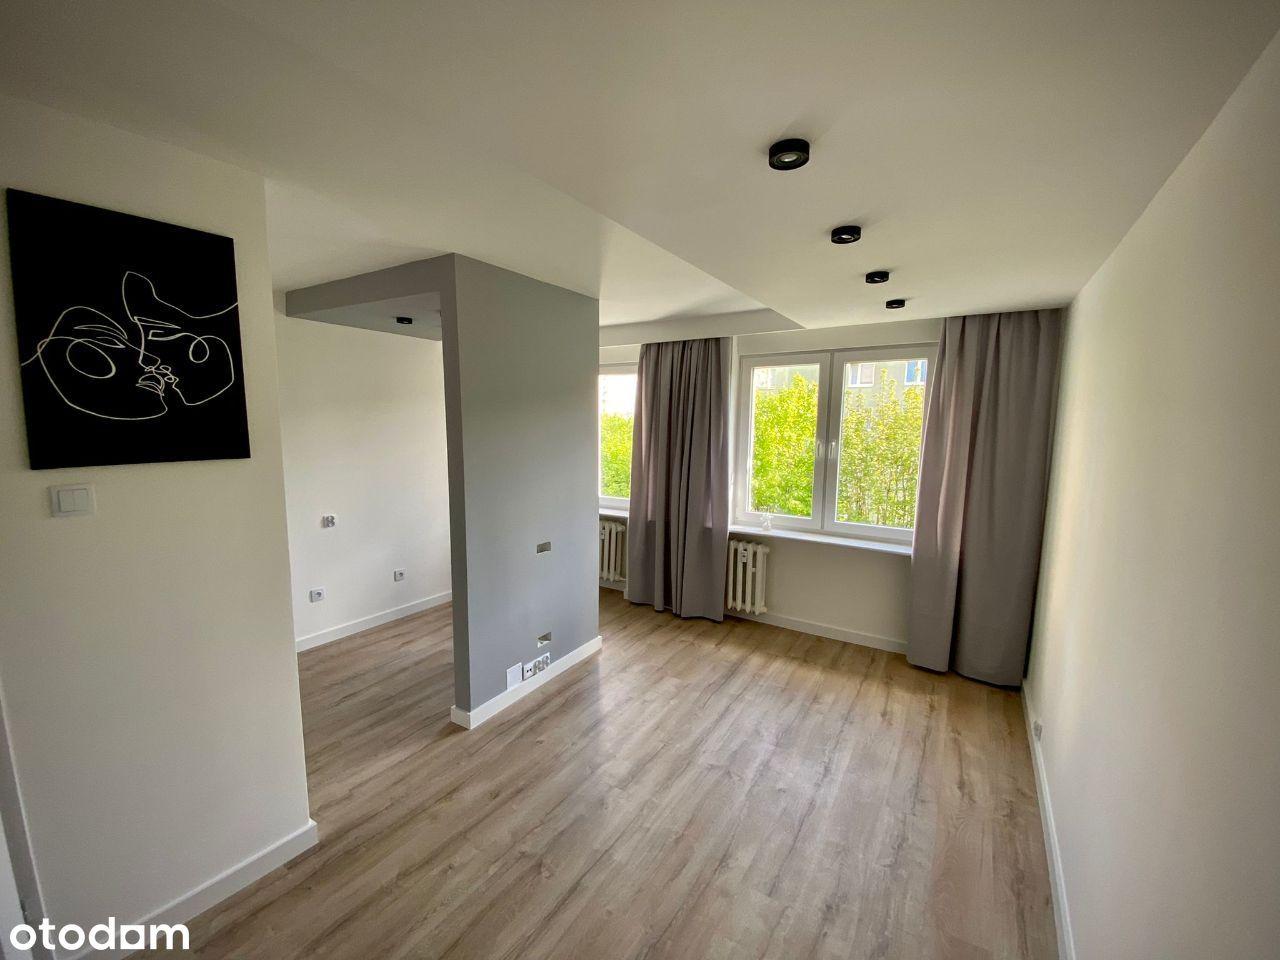 Sprzedam 2 pokojowe mieszkanie 36,6m2 BEZ PROWIZJI